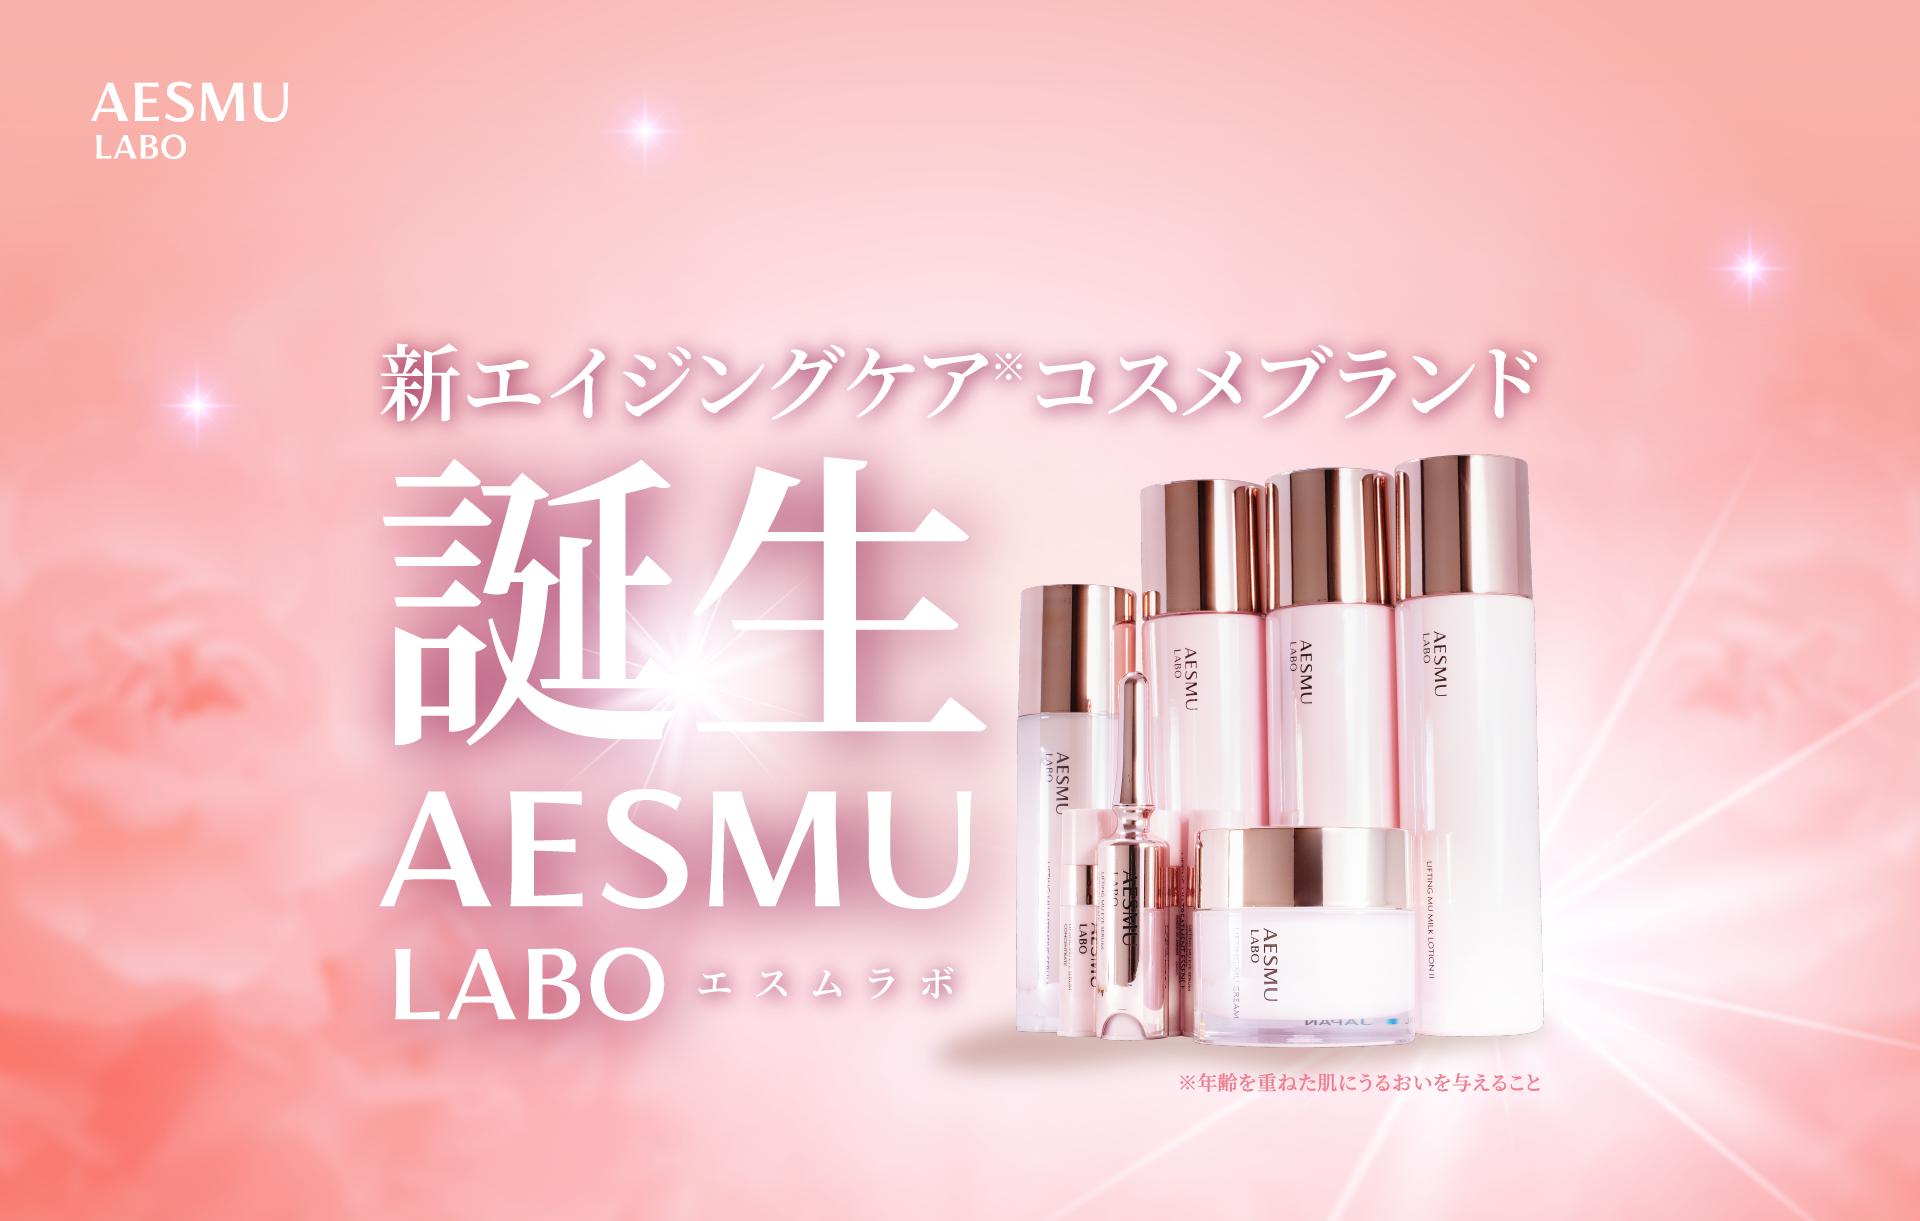 新エイジングケアコスメブランド,誕生AESMU LABO エスムラボ,※年齢を重ねた肌にうるおいを与えること